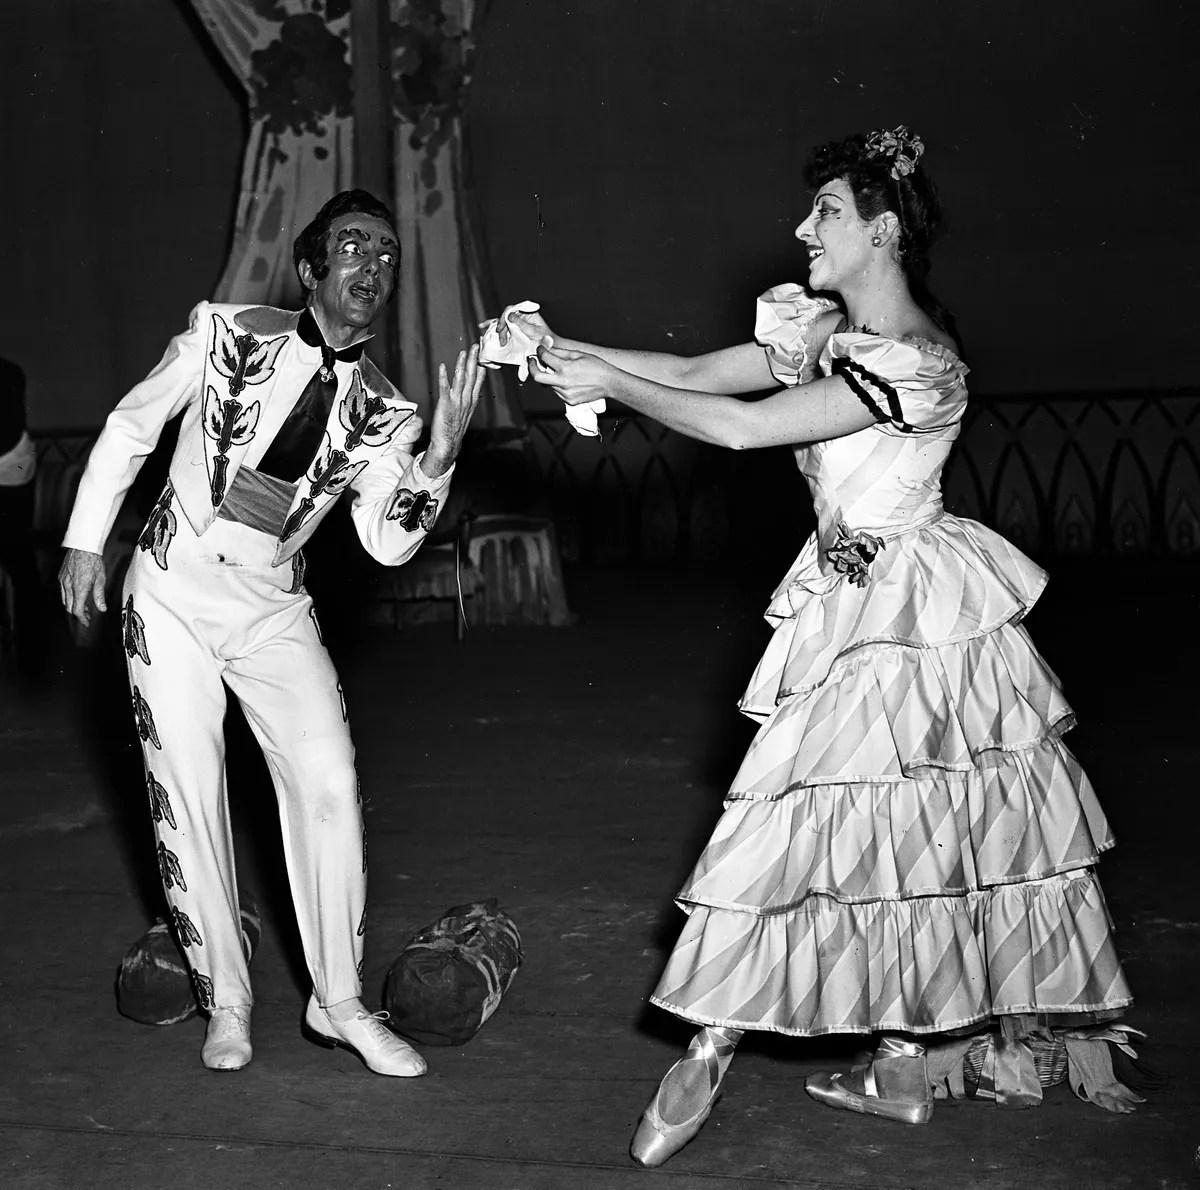 1949 Gaîté parisienne with Leonide Massine, photo by Erio Piccagliani © Teatro alla Scala